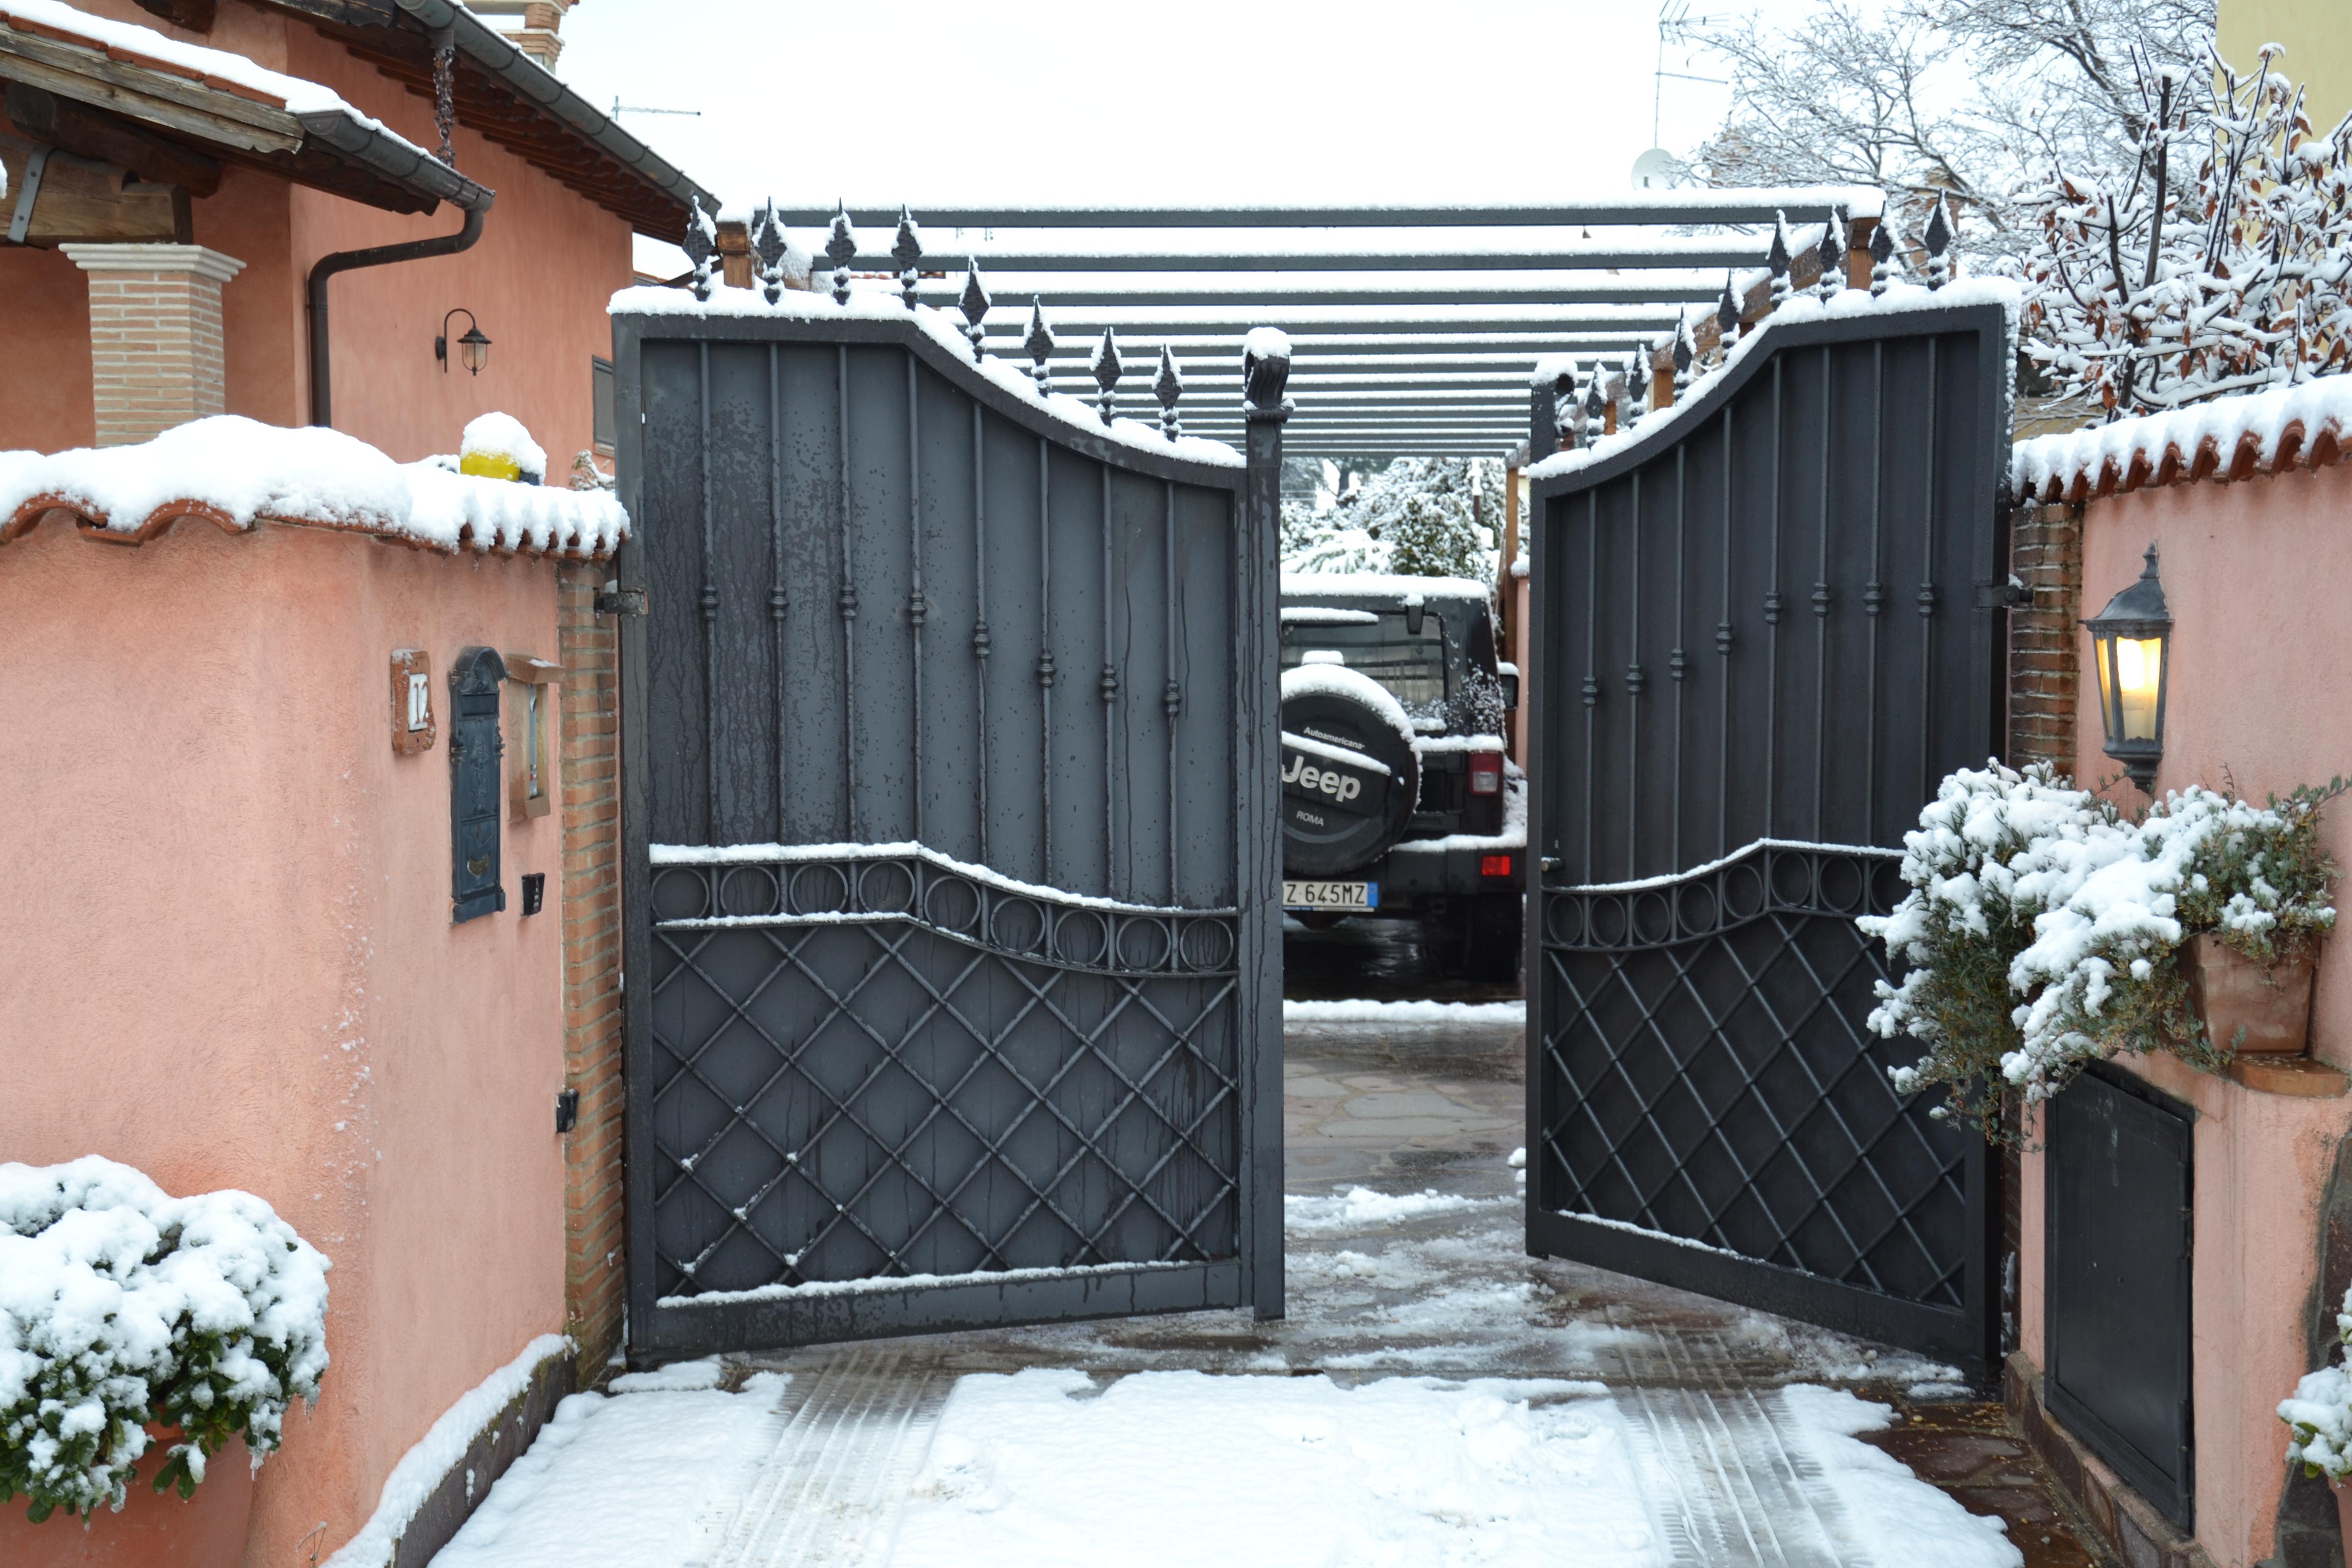 cancello battente residenziale con rarissima nevicata a Roma!!